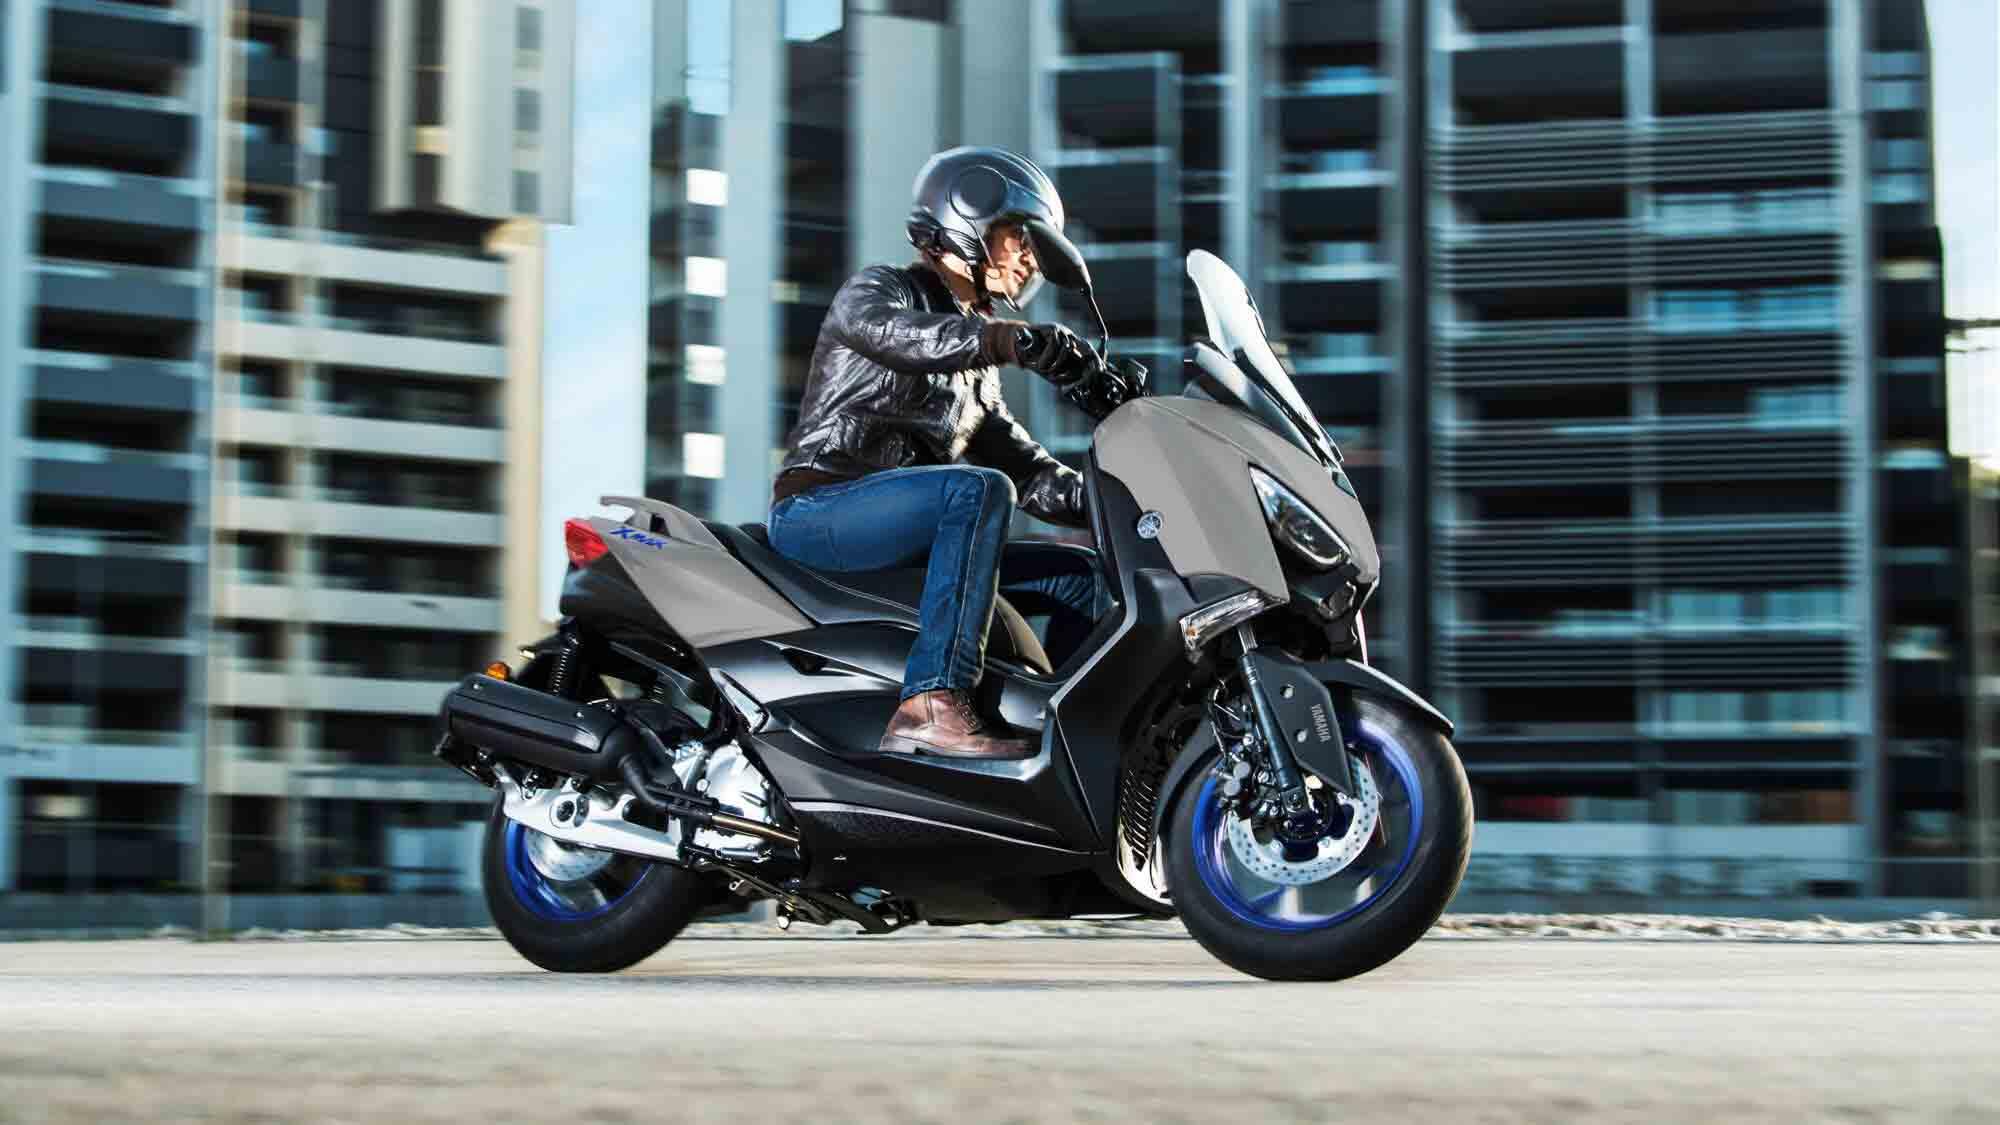 Yamaha X-Max 125 foi o modelo mais vendido em 2020 na França. Foto: Divulgação